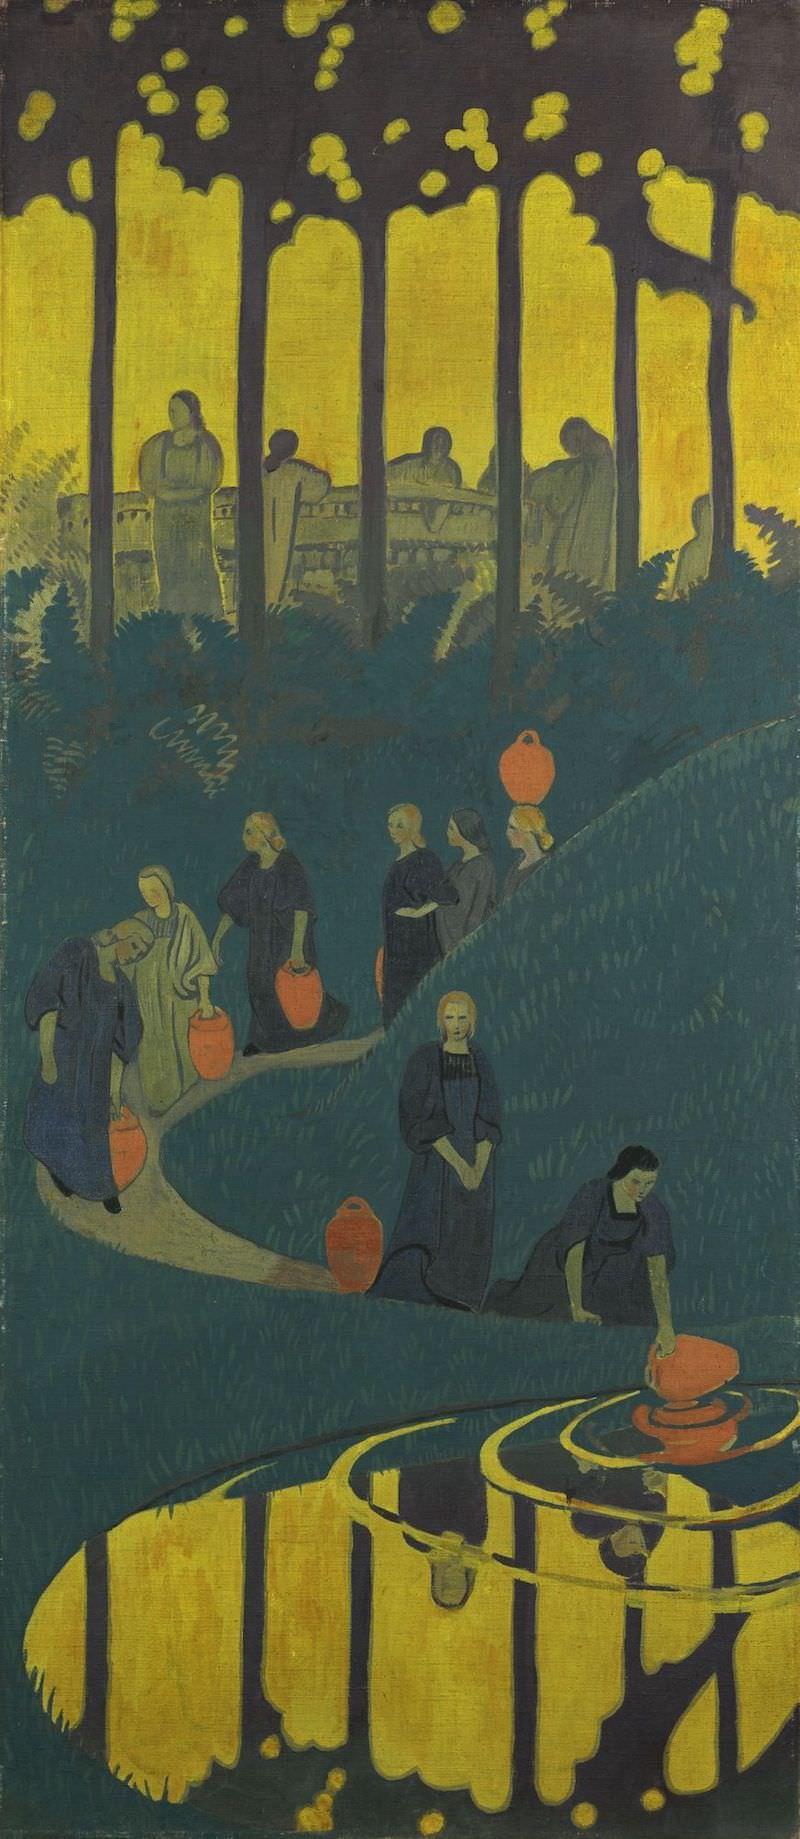 Exposition Les Nabis et le décor - Bonnard, Vuillard, Maurice Denis… au Musée du Luxembourg du 13 mars au 30 juin 2019